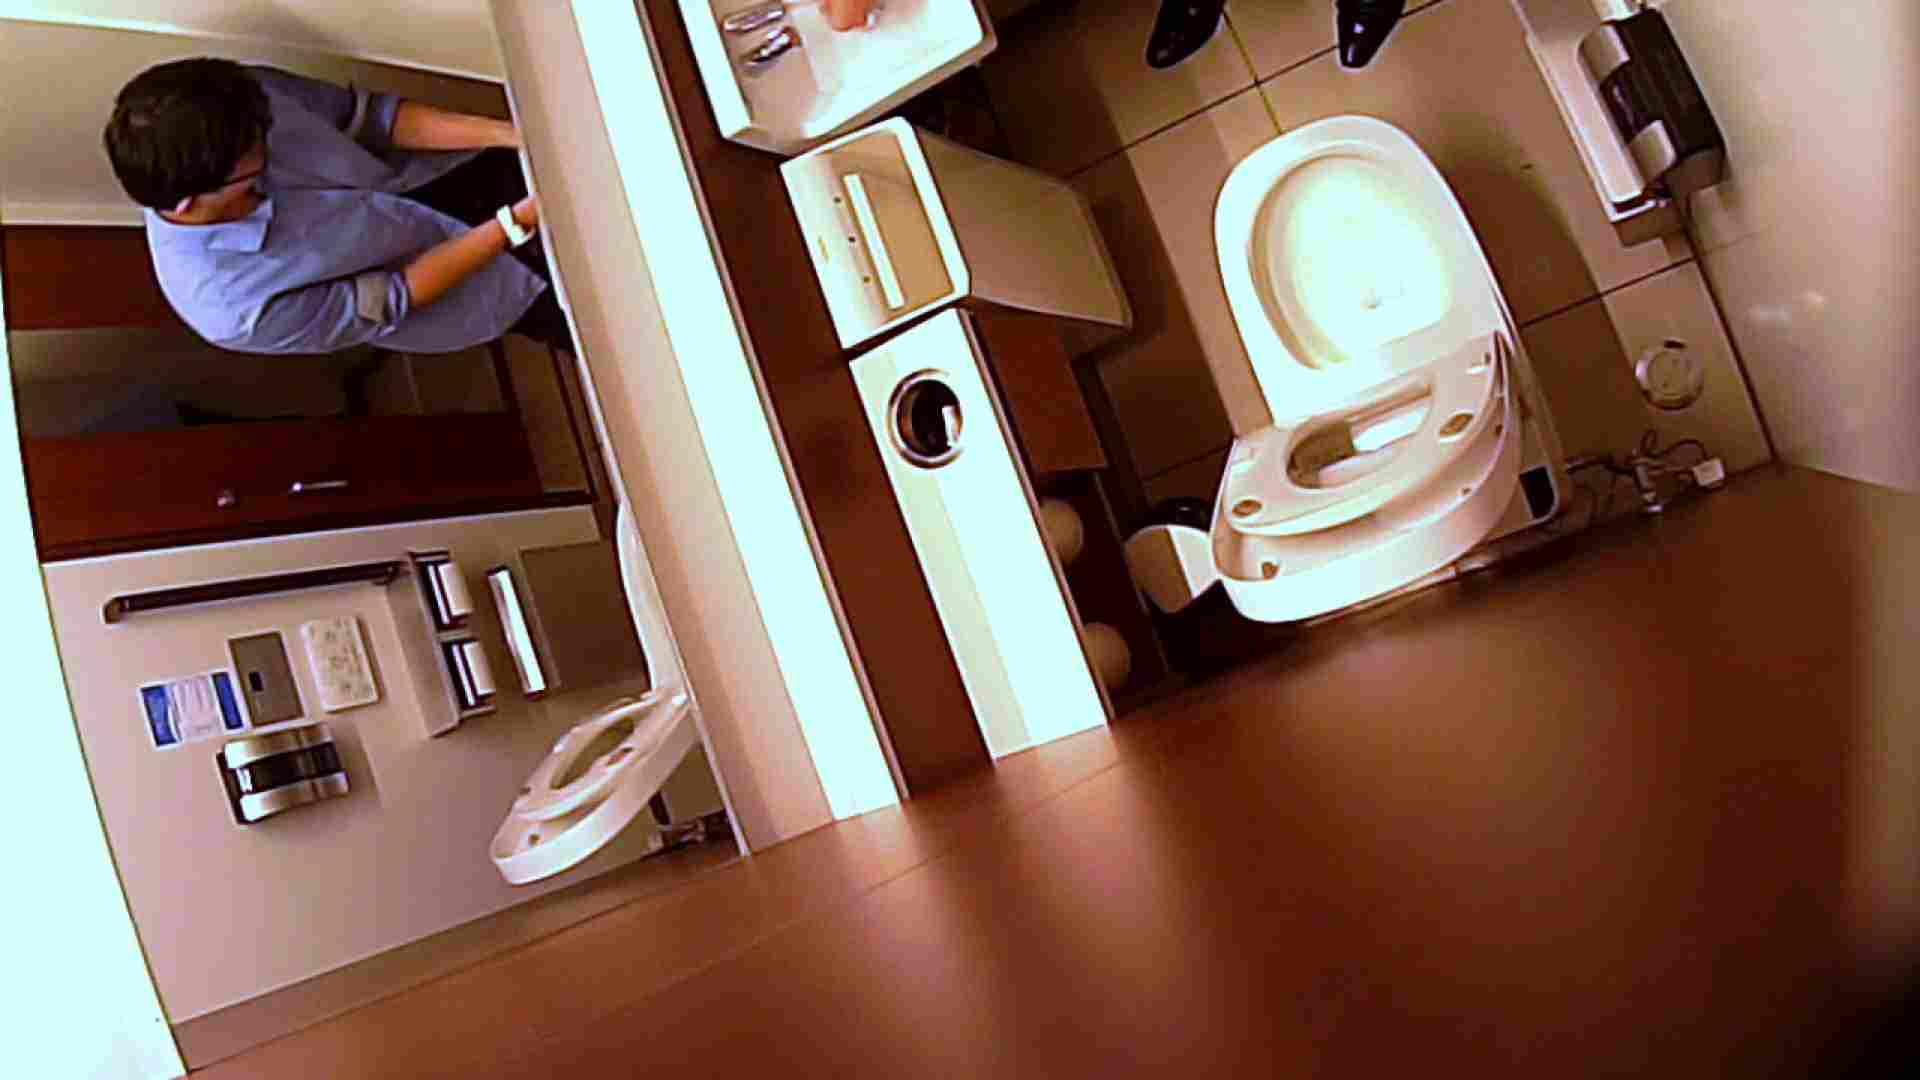 すみませんが覗かせてください Vol.31 トイレ | 0  94pic 56